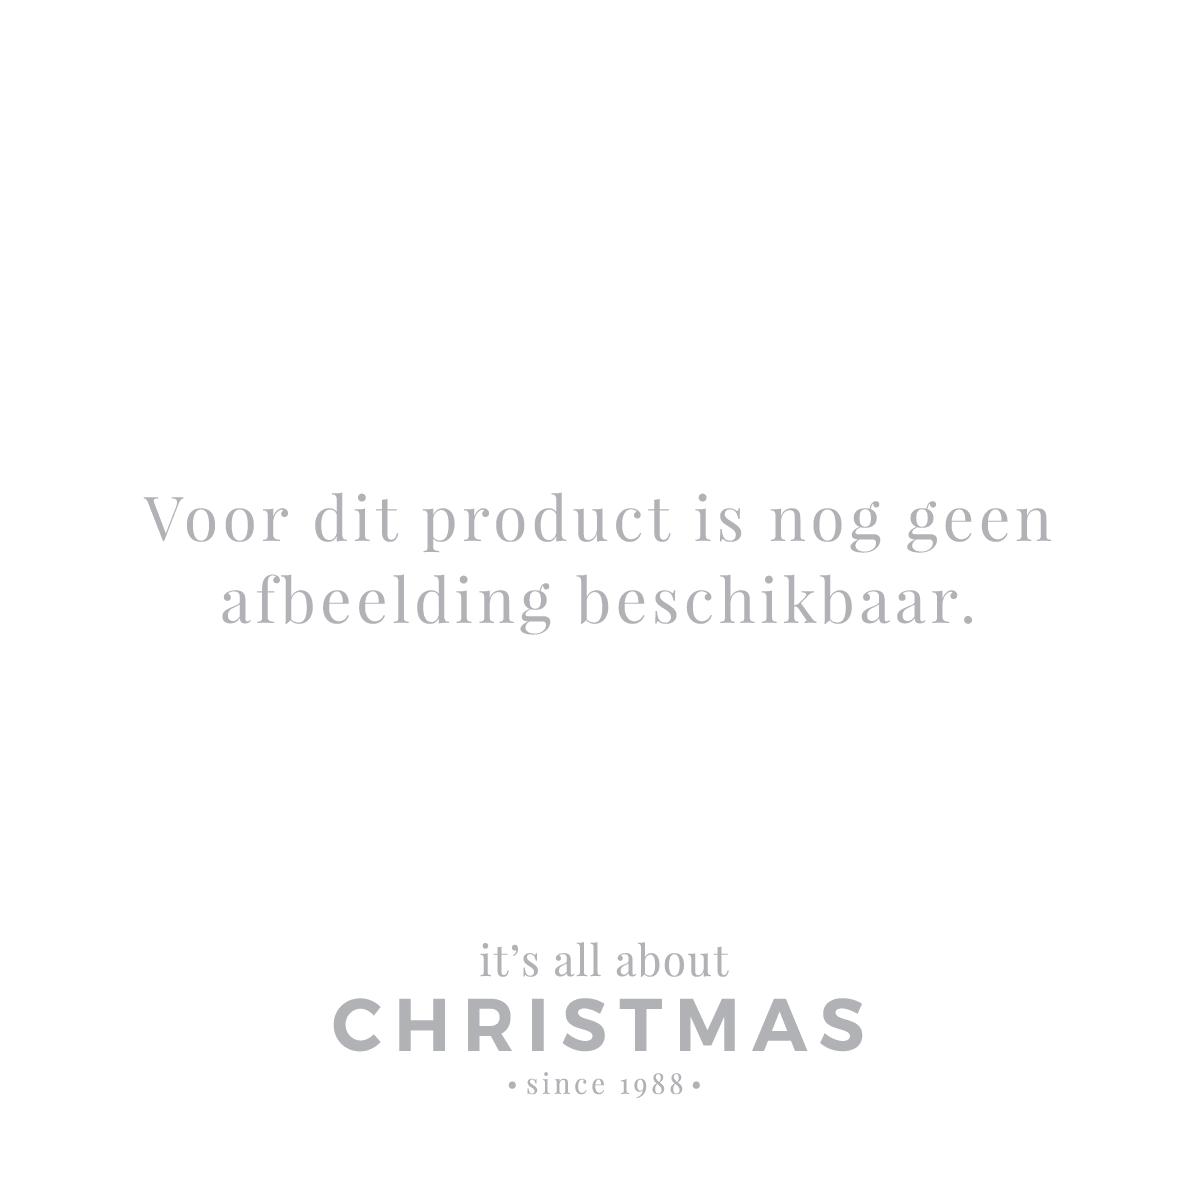 Kunststoff Weihnachtsbaumspitze 30cm glänzend bordeauxrot